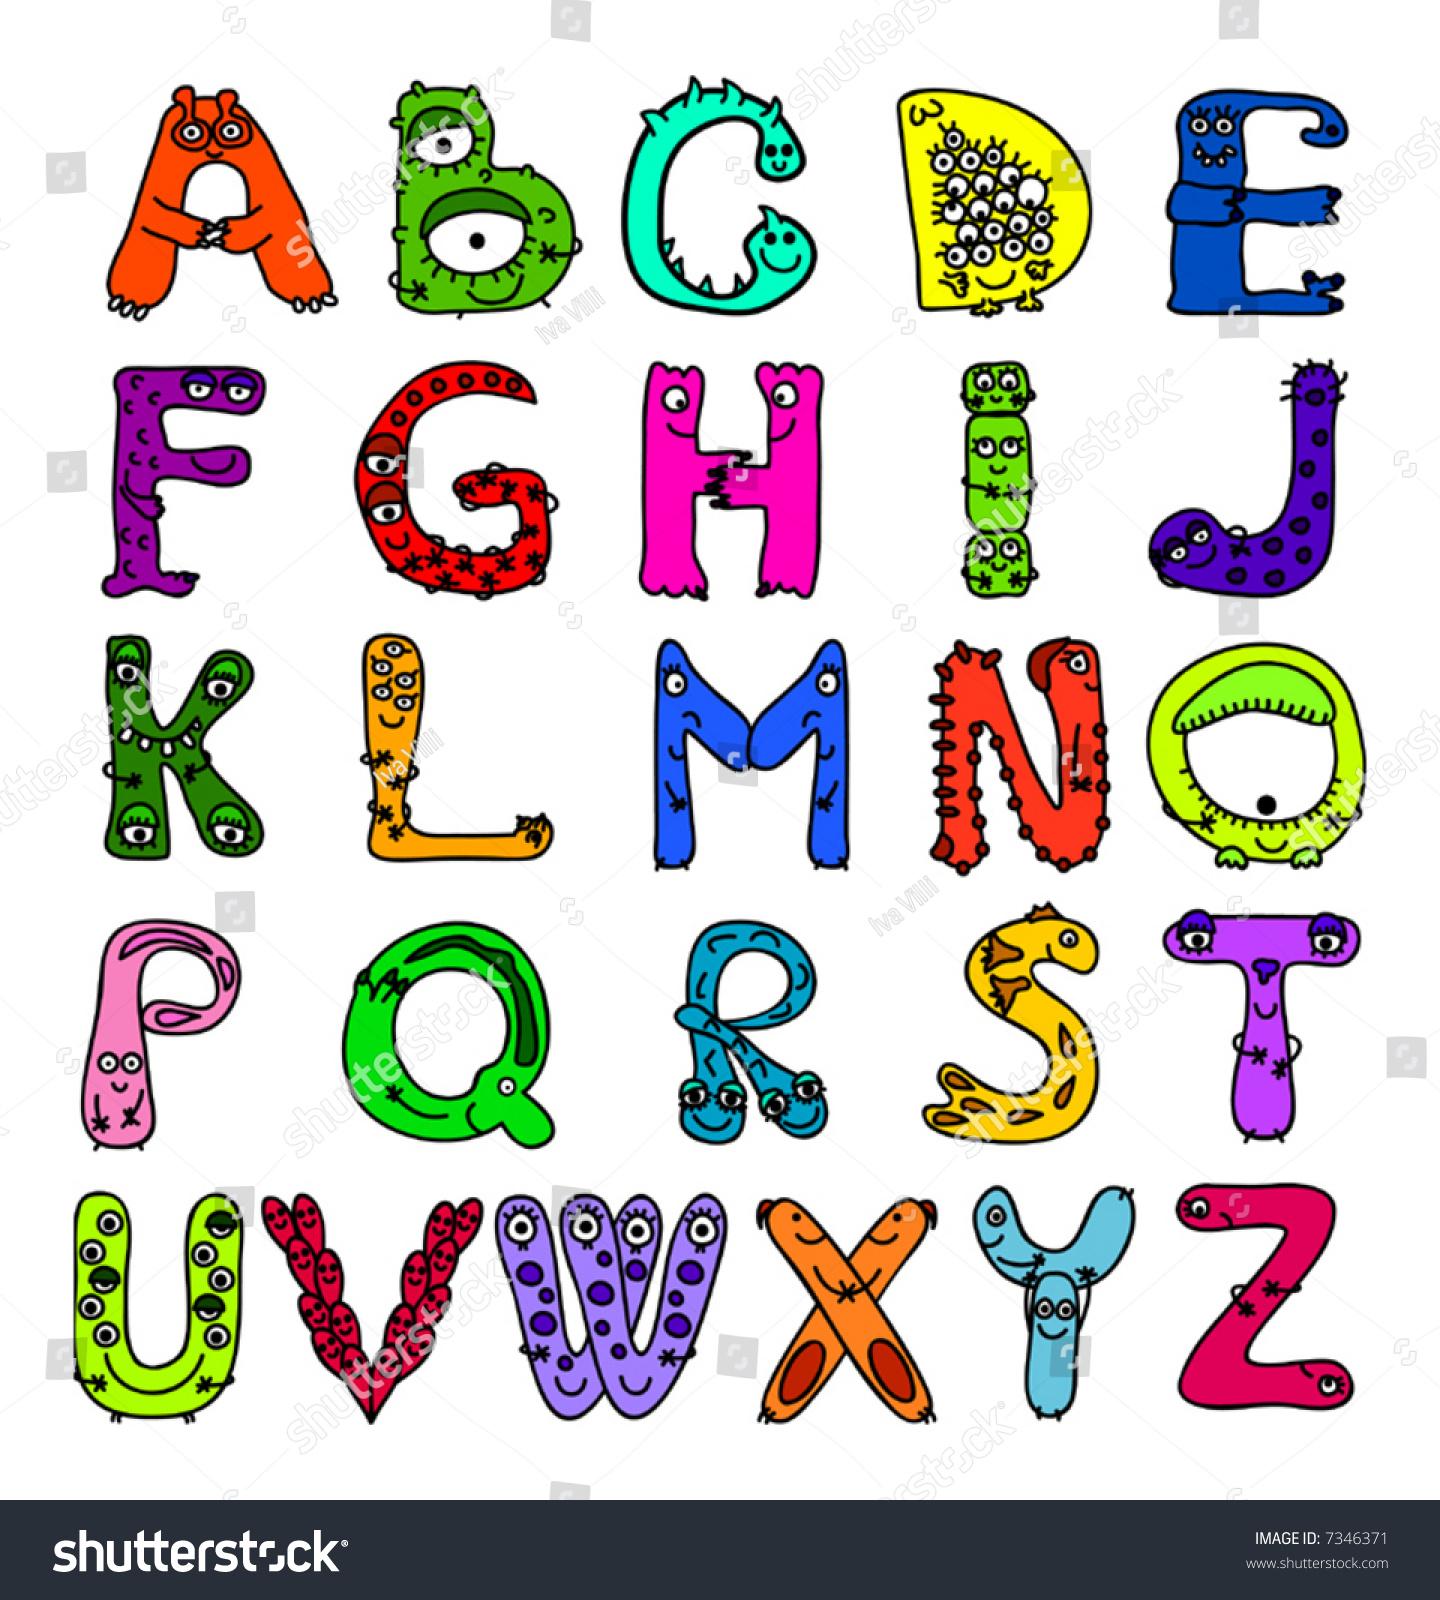 英语字母表的字母形状的怪物-插图/剪贴图,交通运输